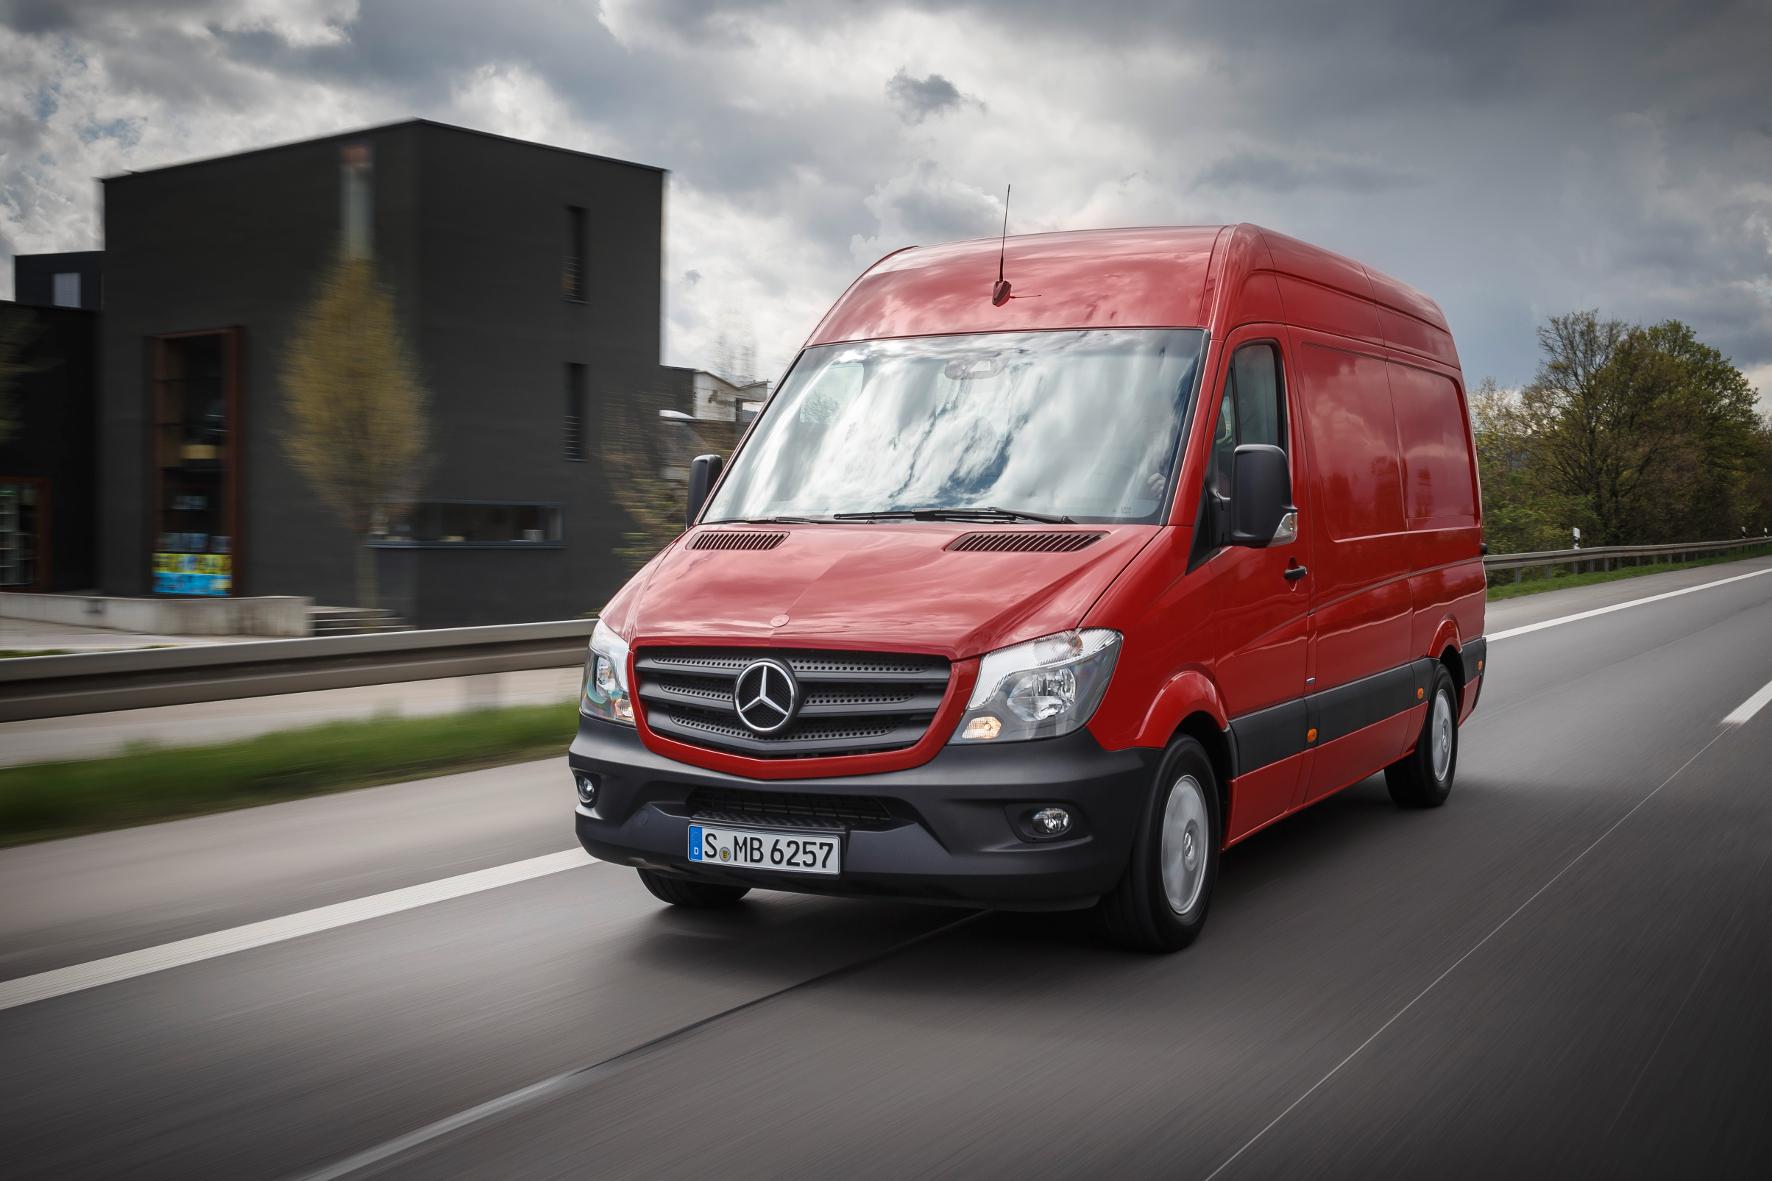 mid Stuttgart - Daimler frischt sein Multi-Talent Sprinter auf. Neu sind unter anderem der Einstiegs-Diesel mit jetzt 114 statt 95 PS und eine Schwerlast-Variante.